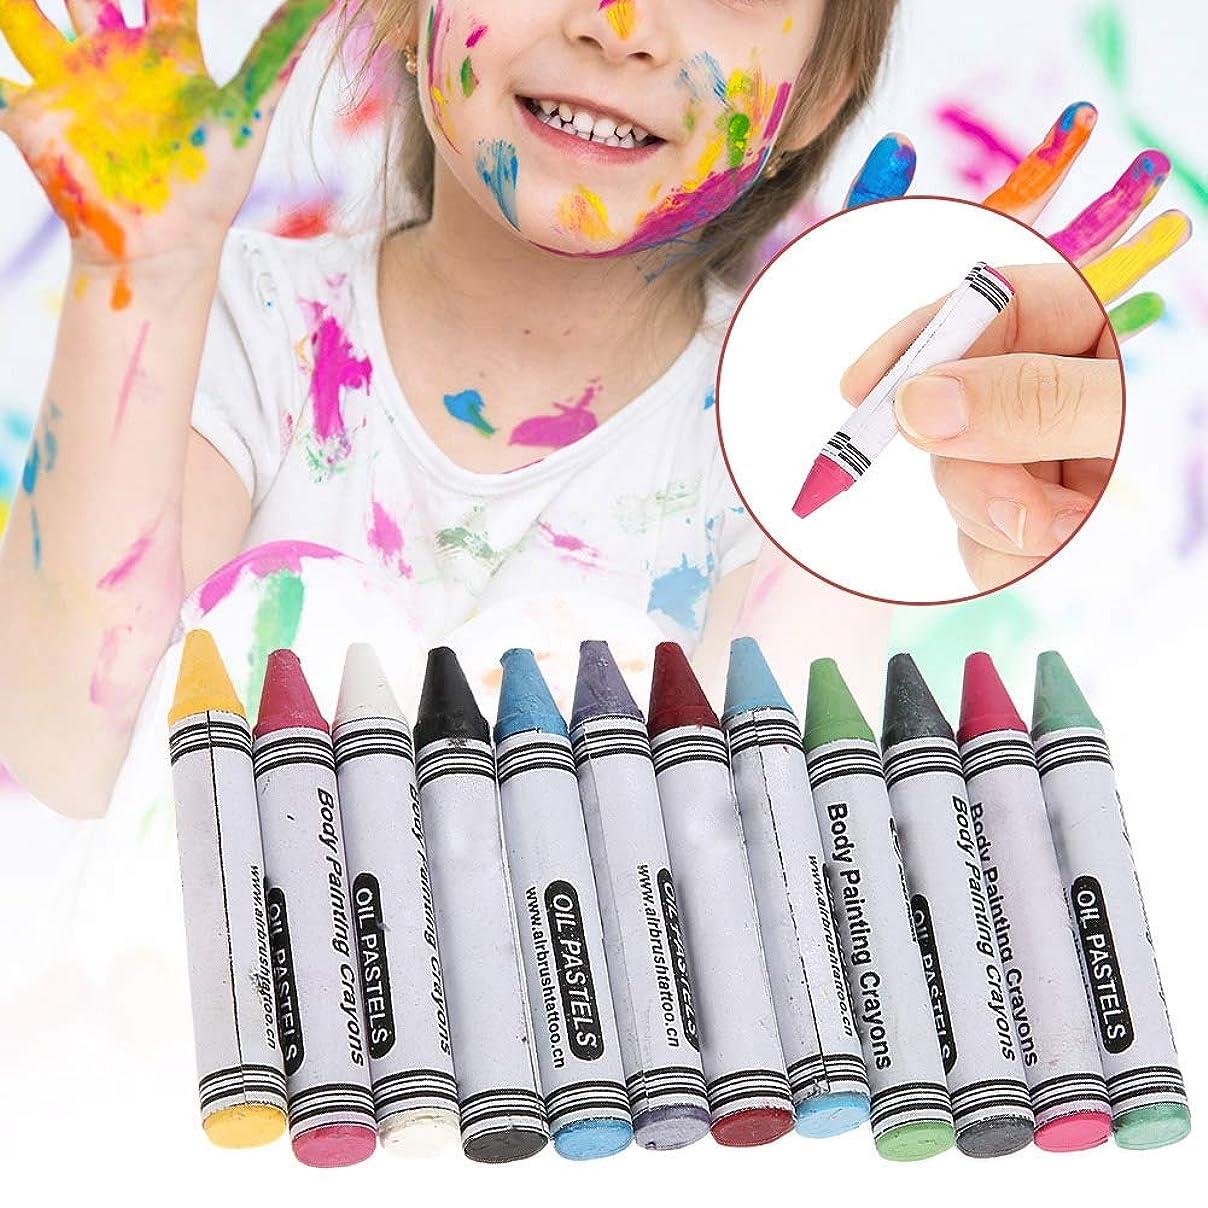 構造的関係ないカナダ12色 人体の彩絵クレヨン、パーティー祝日 子供用 環境保護 プレゼント